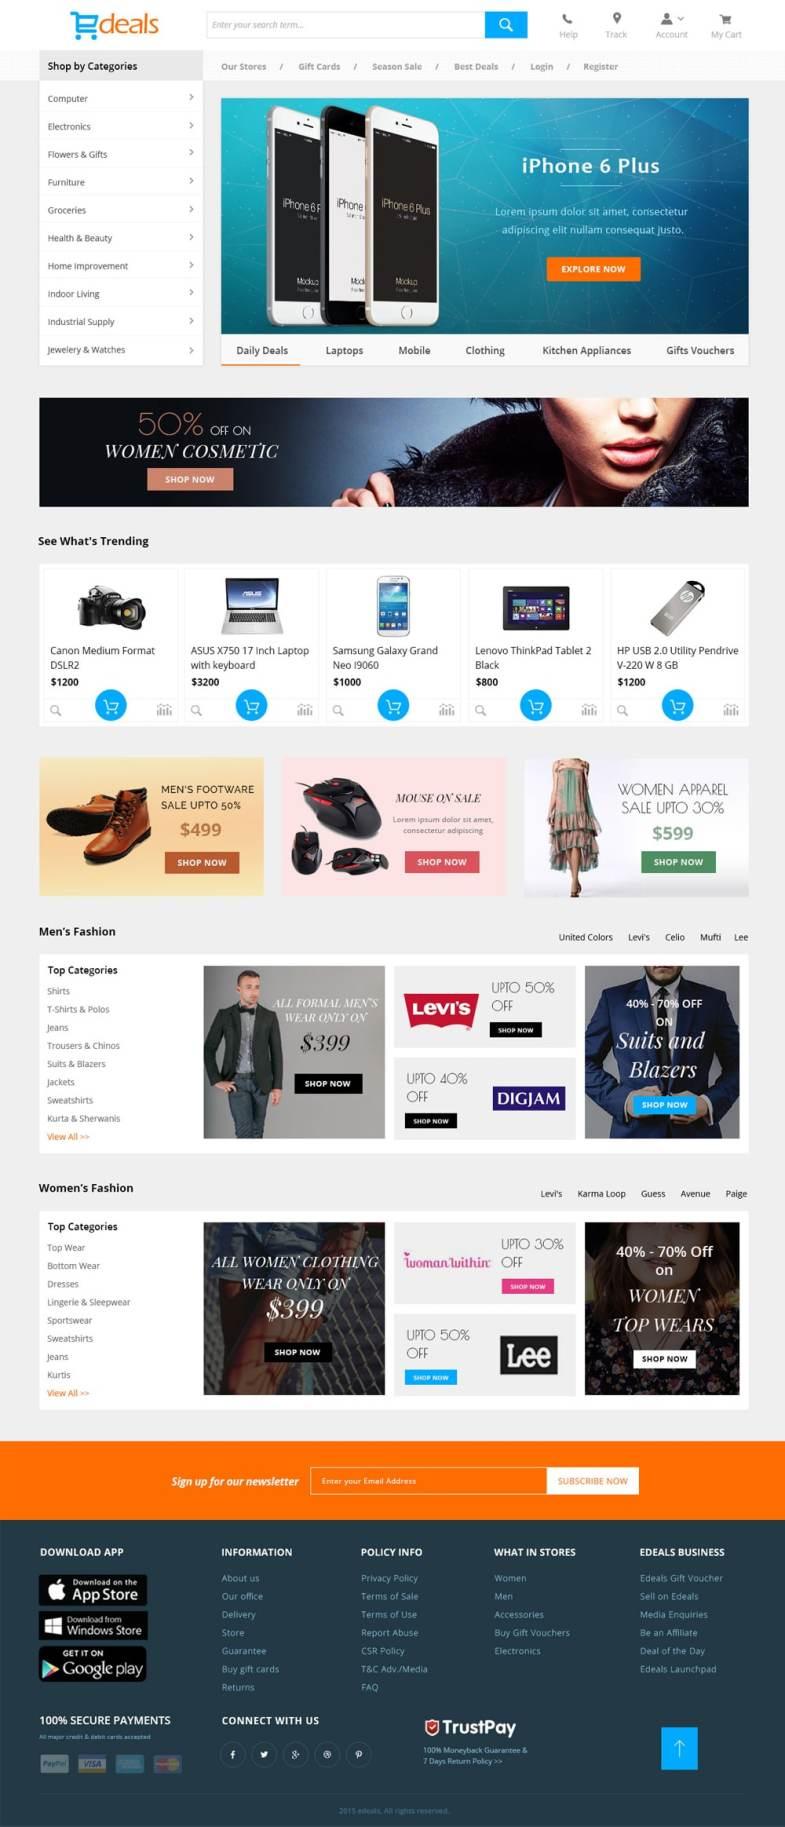 Edeals - Online Shopping Template PSD Бесплатные шаблоны для интернет-магазина psd - Edeals - Бесплатные шаблоны для интернет-магазина PSD